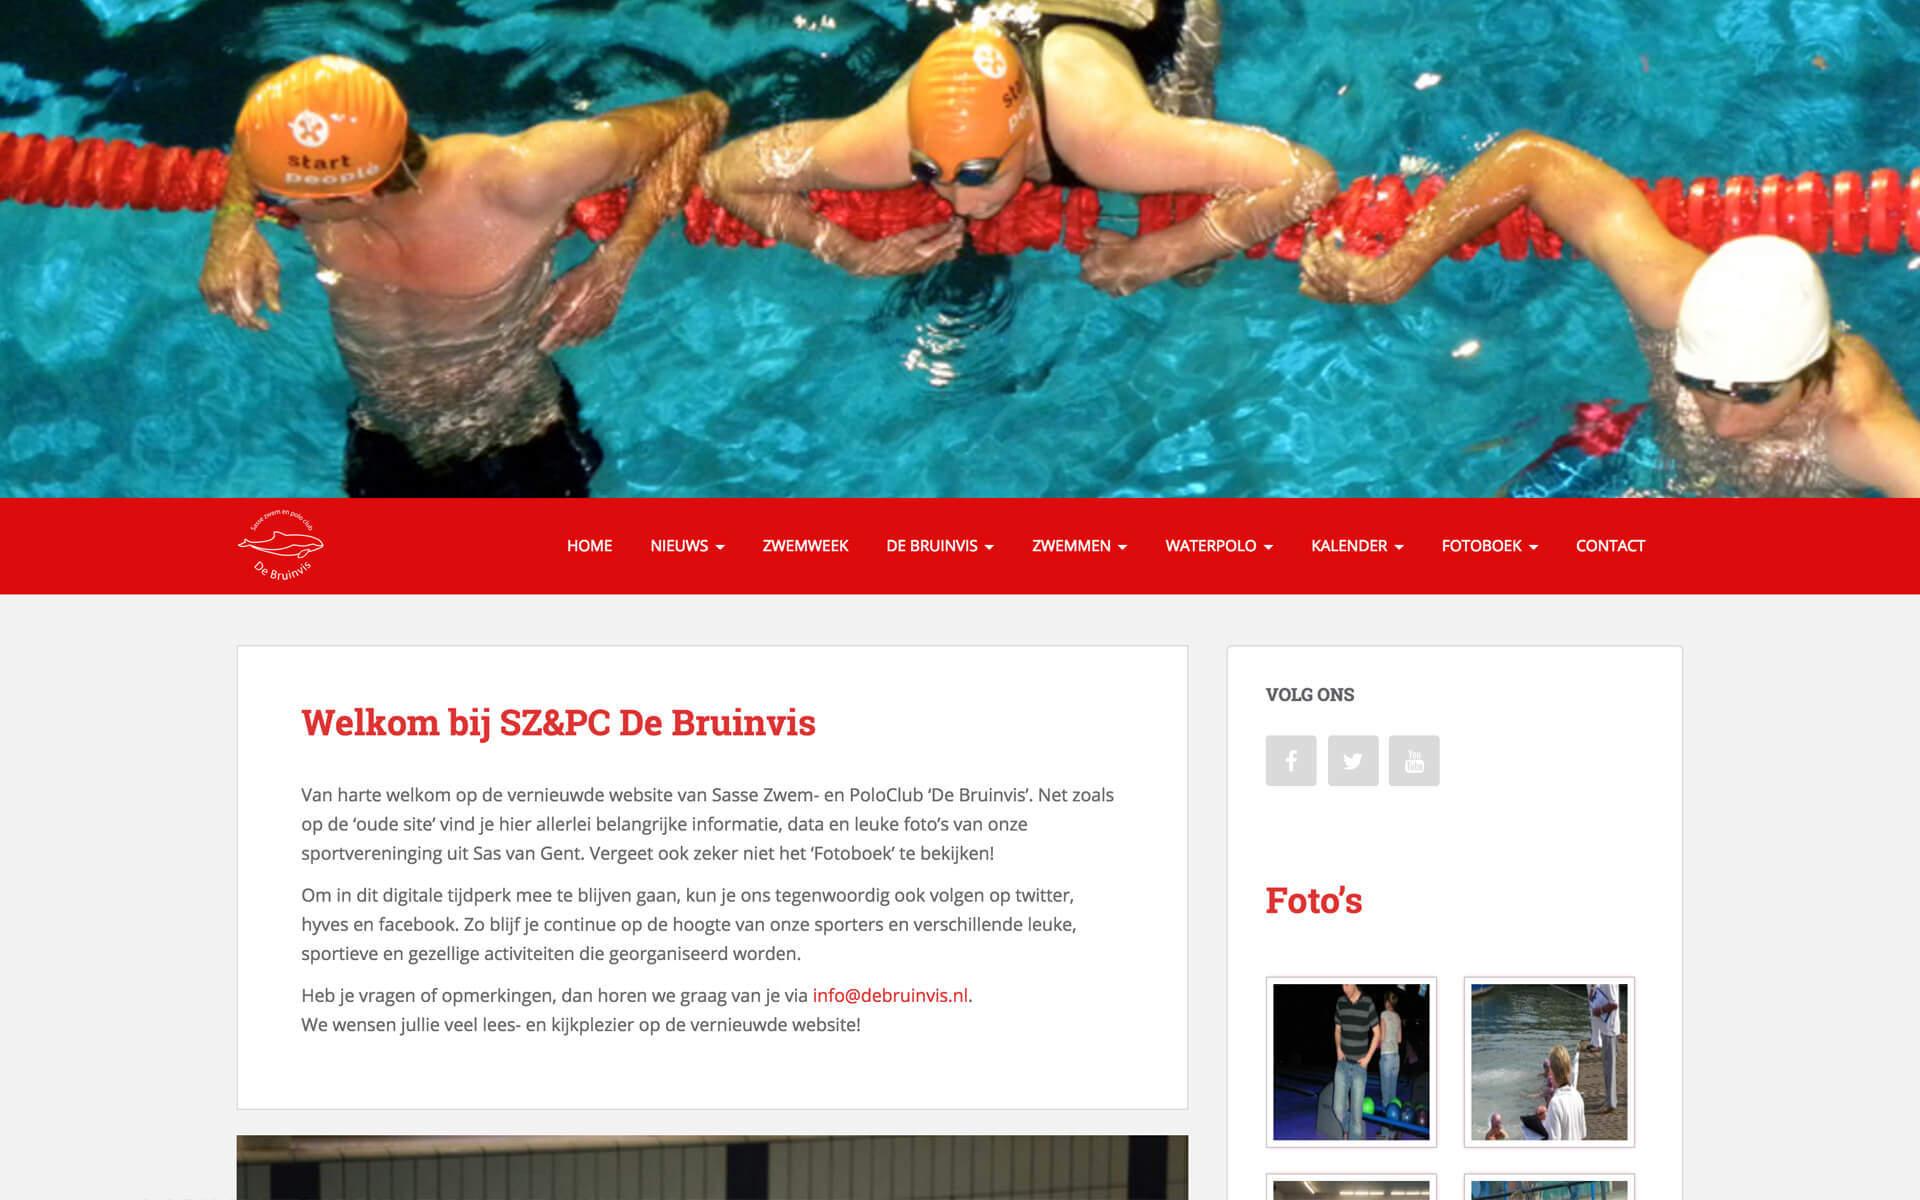 debruinvis.nl desktop preview